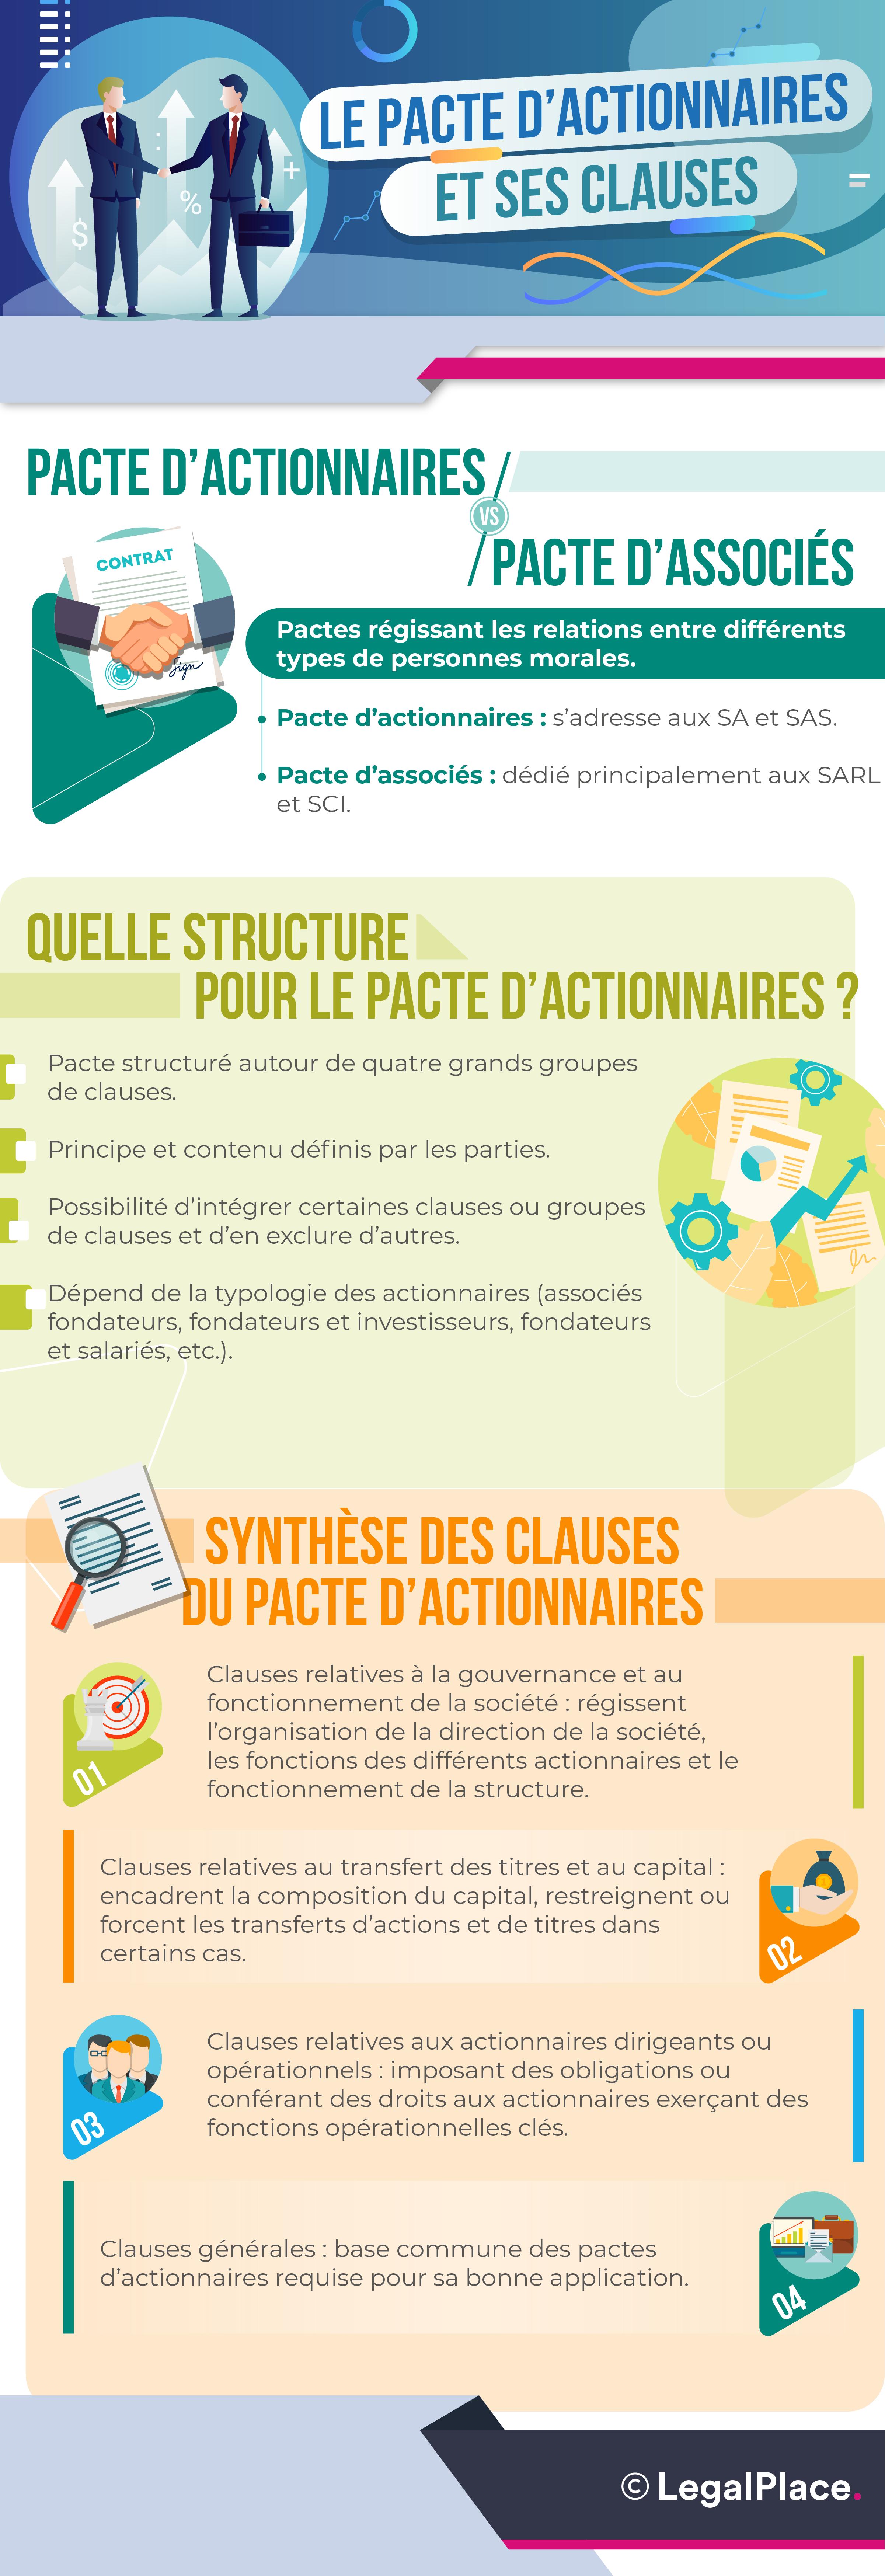 Infographie - Pacte d'actionnaire